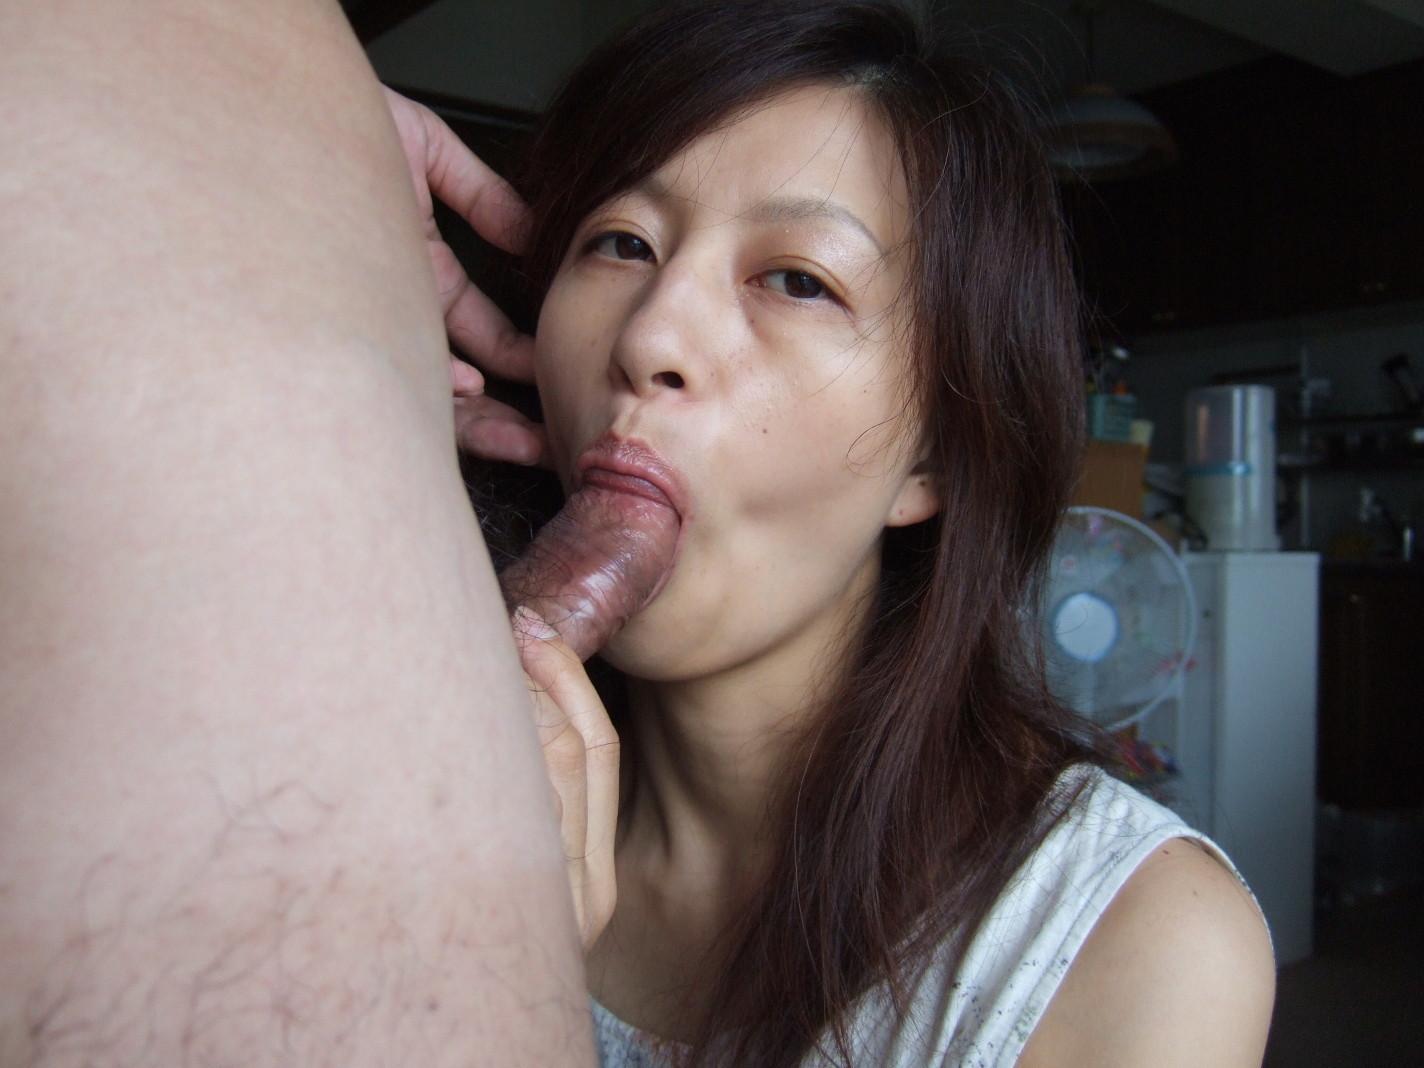 Hot chinese women cum